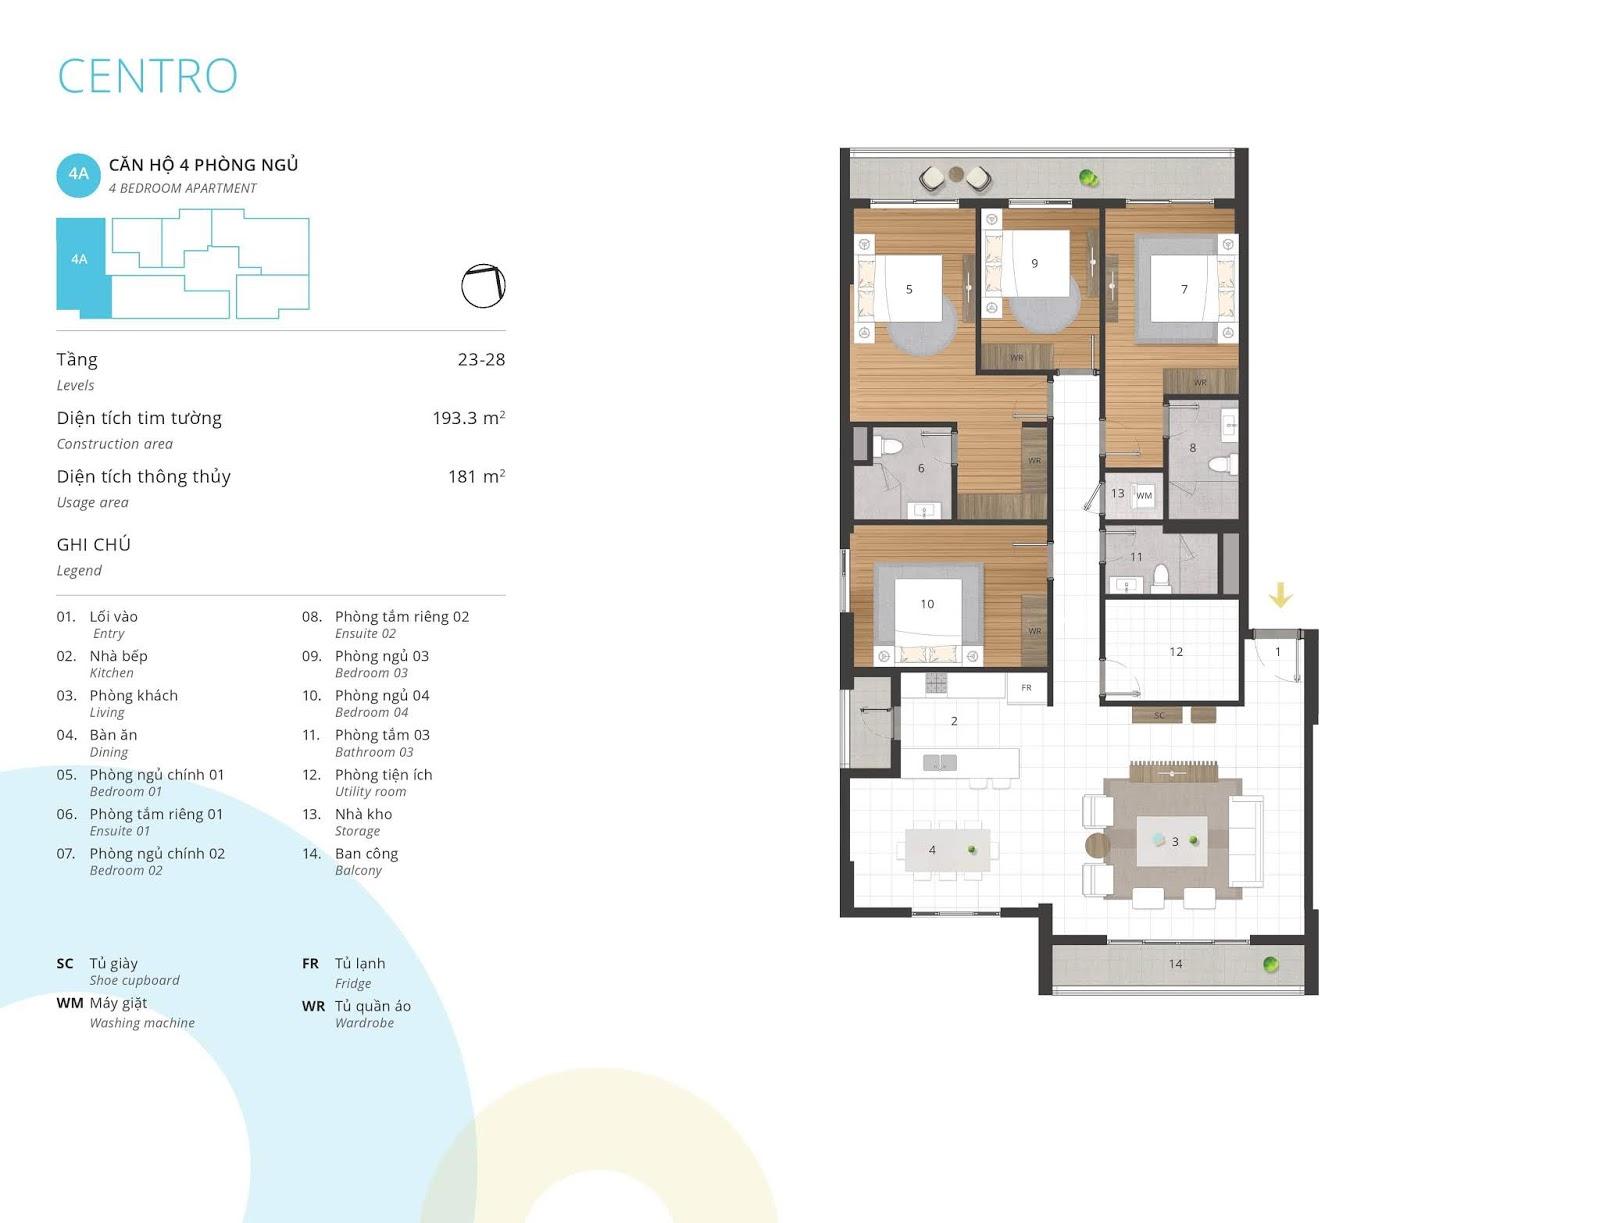 Mặt bằng căn hộ 4 phòng ngủ 181 m2 thông thủy tòa CENTRO